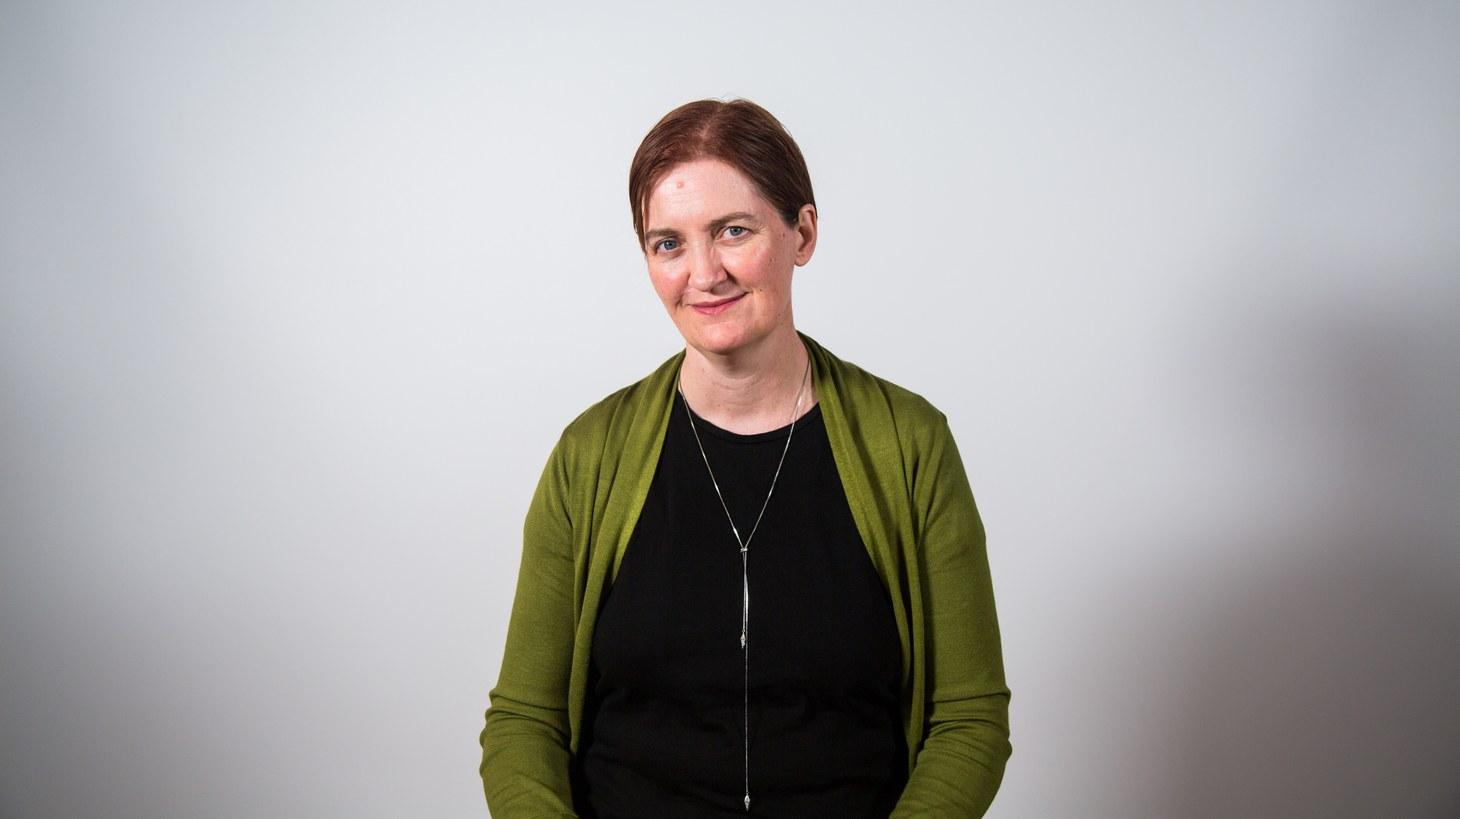 Author, Emma Donoghue.